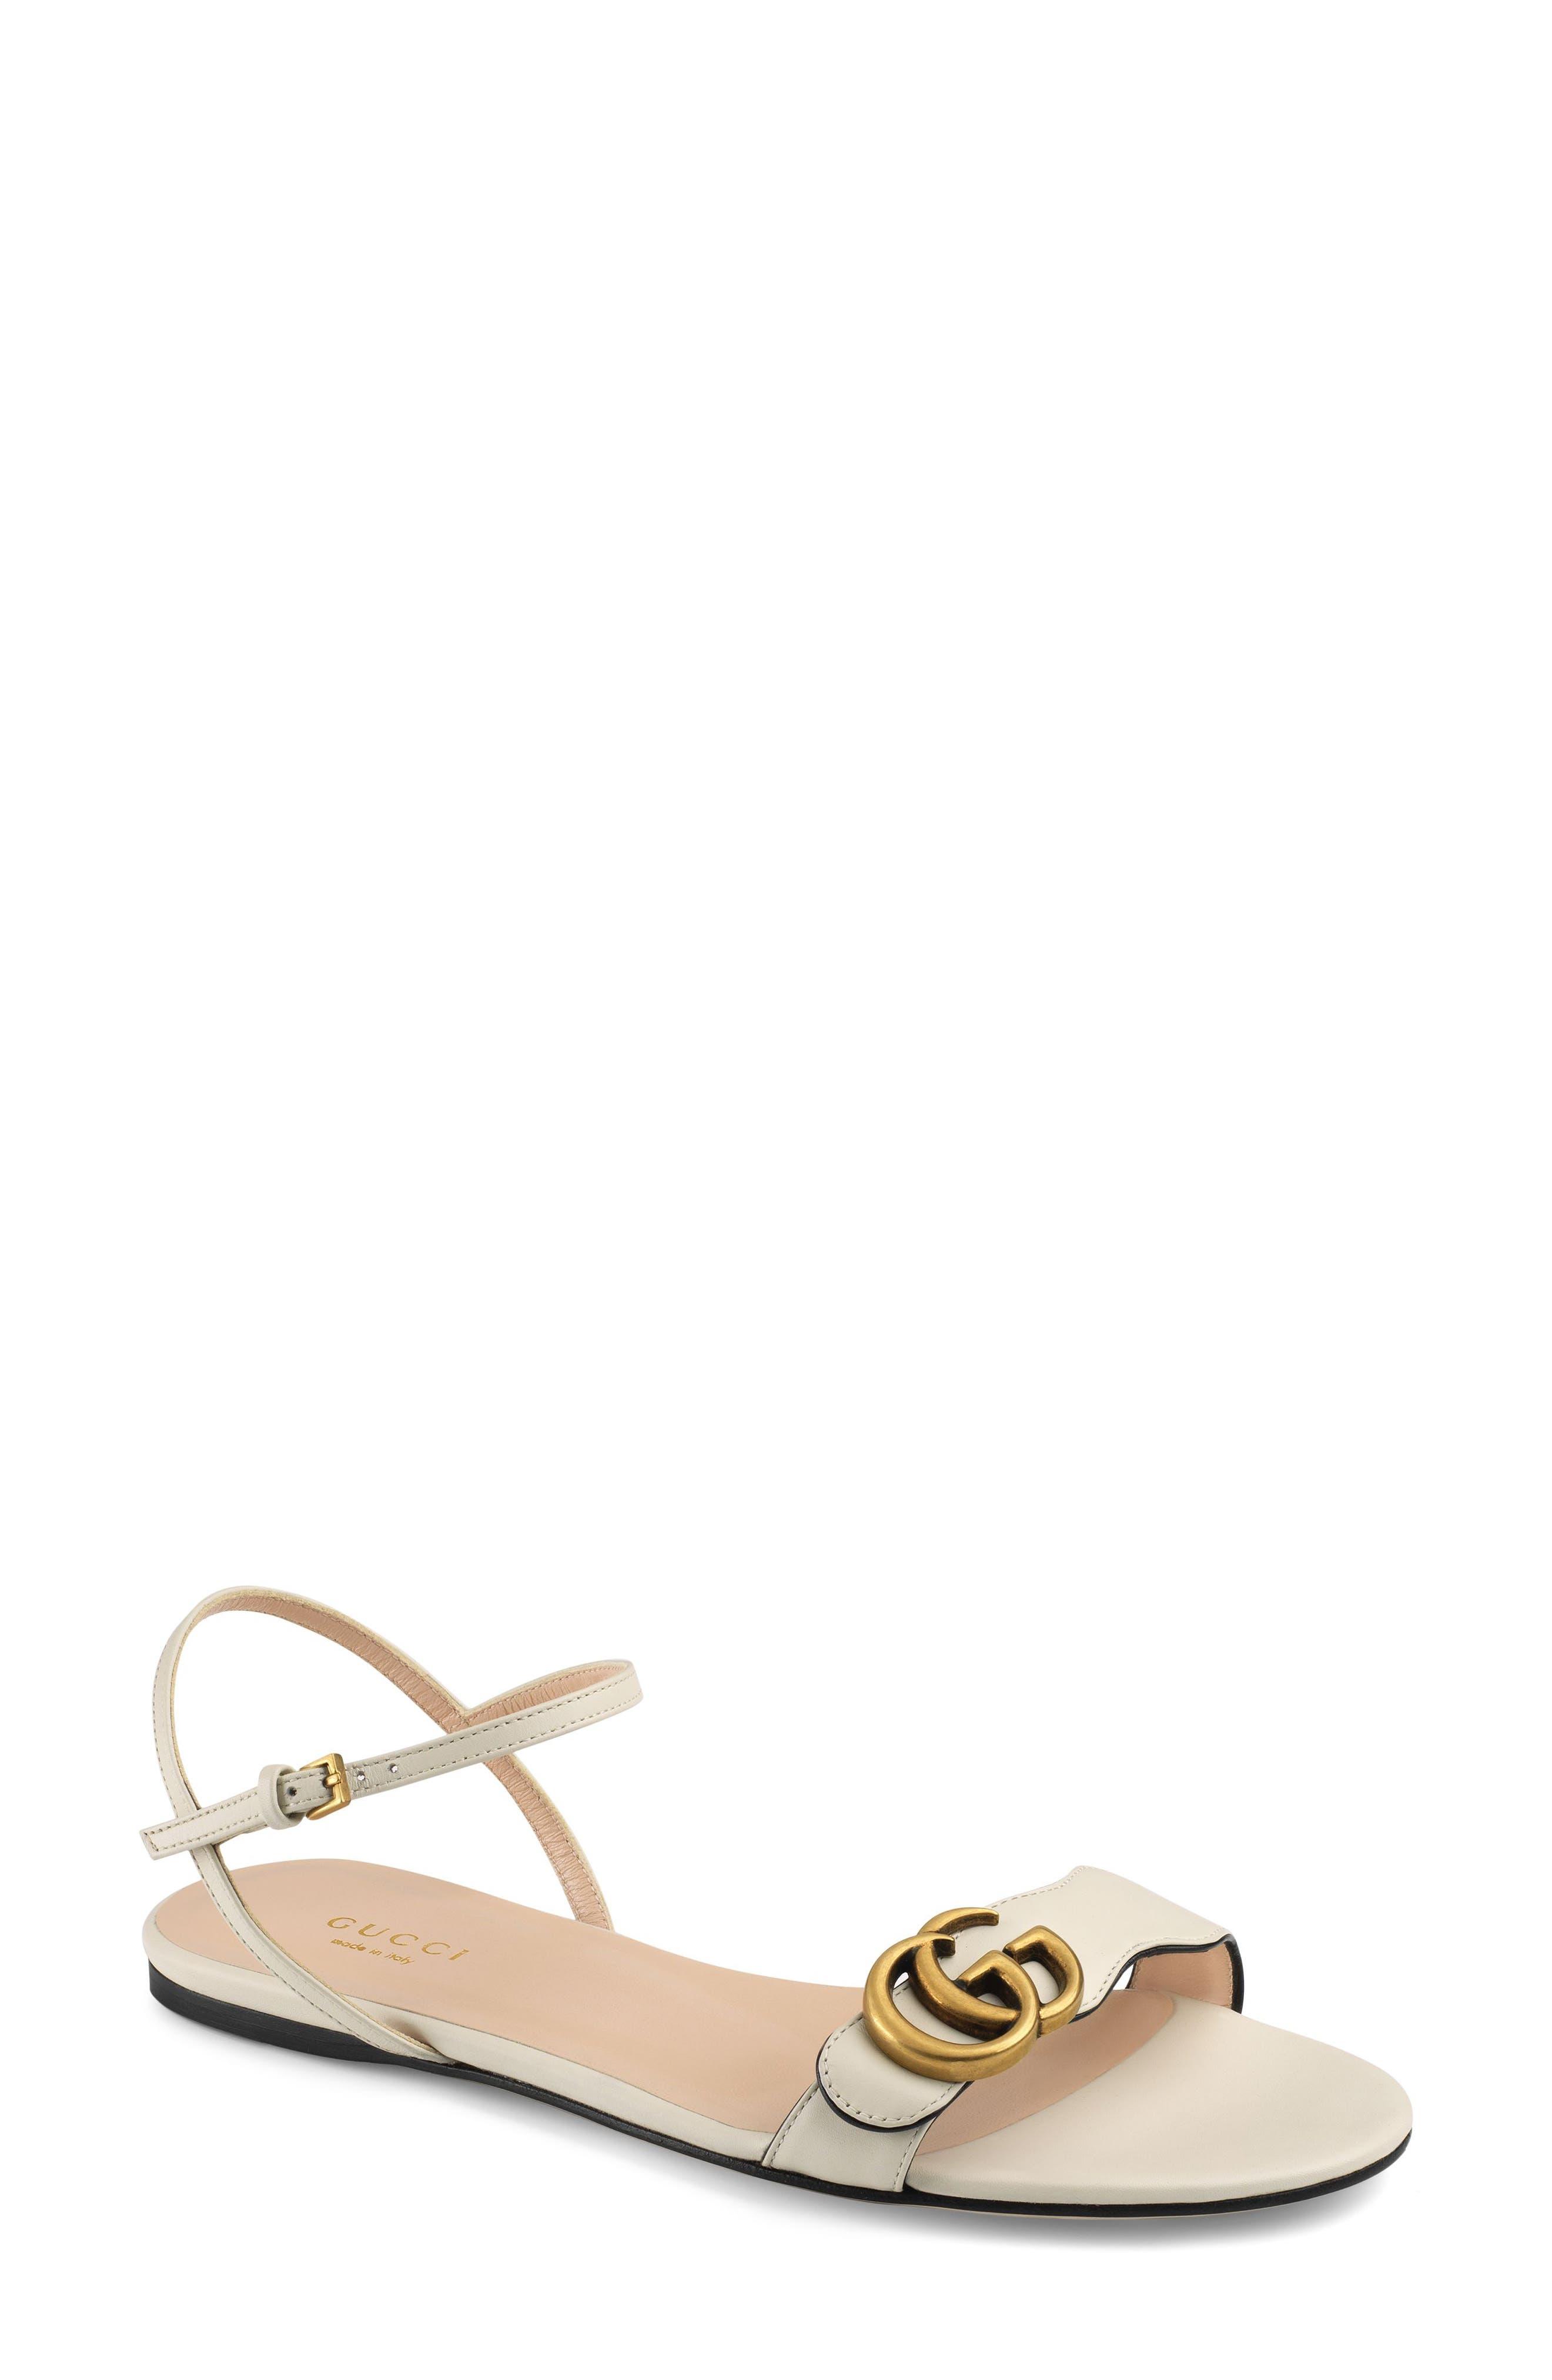 GUCCI Marmont Quarter Strap Flat Sandal, Main, color, MYSTIC WHITE